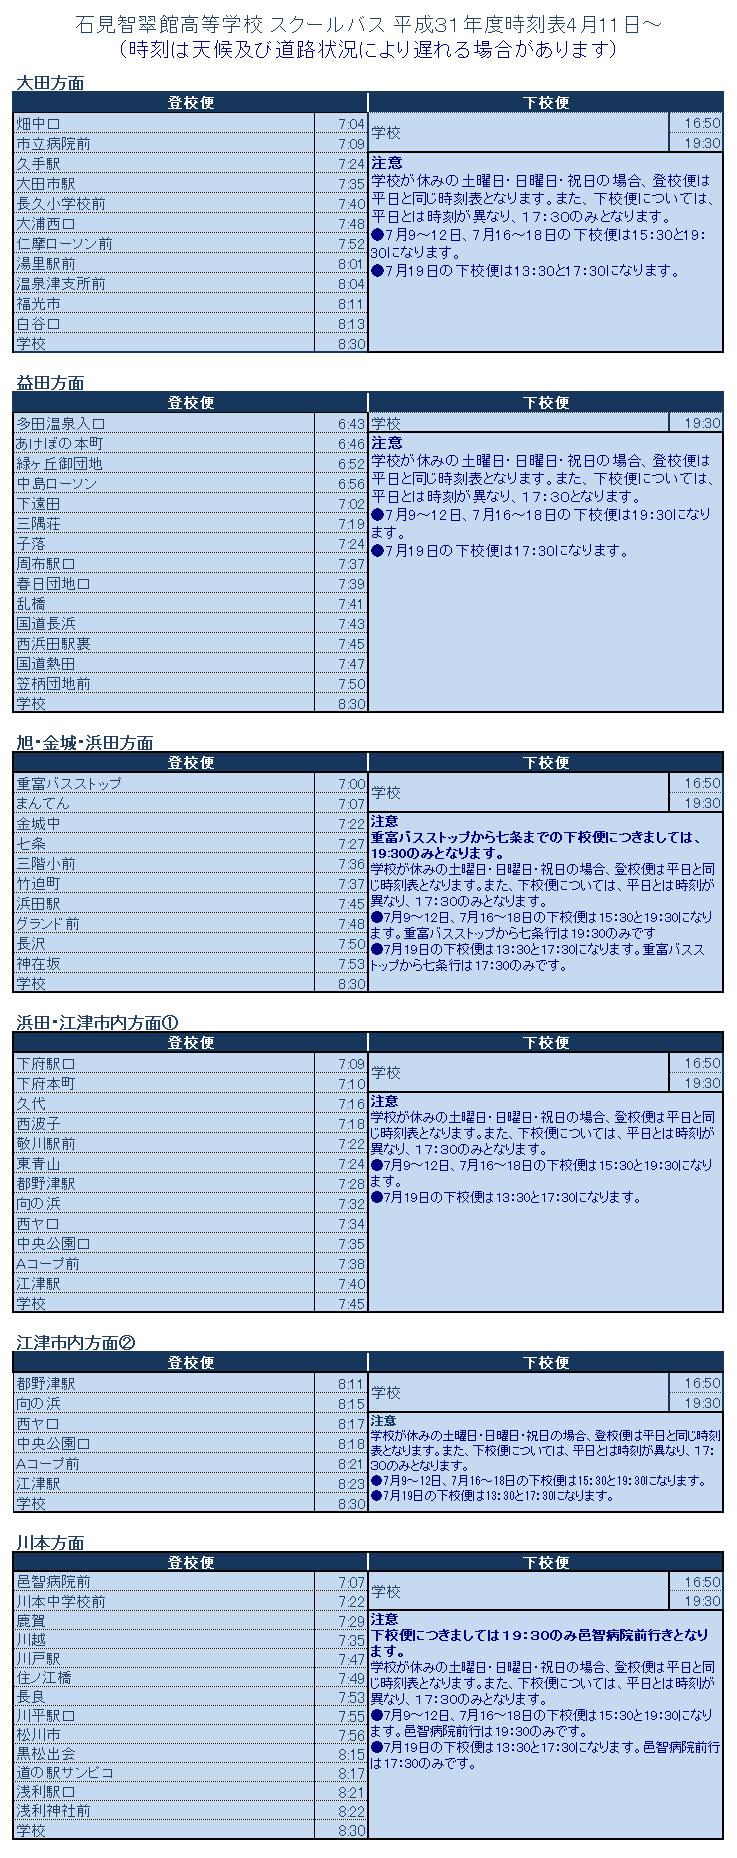 平成31年度スクールバス時刻表7月9~19日